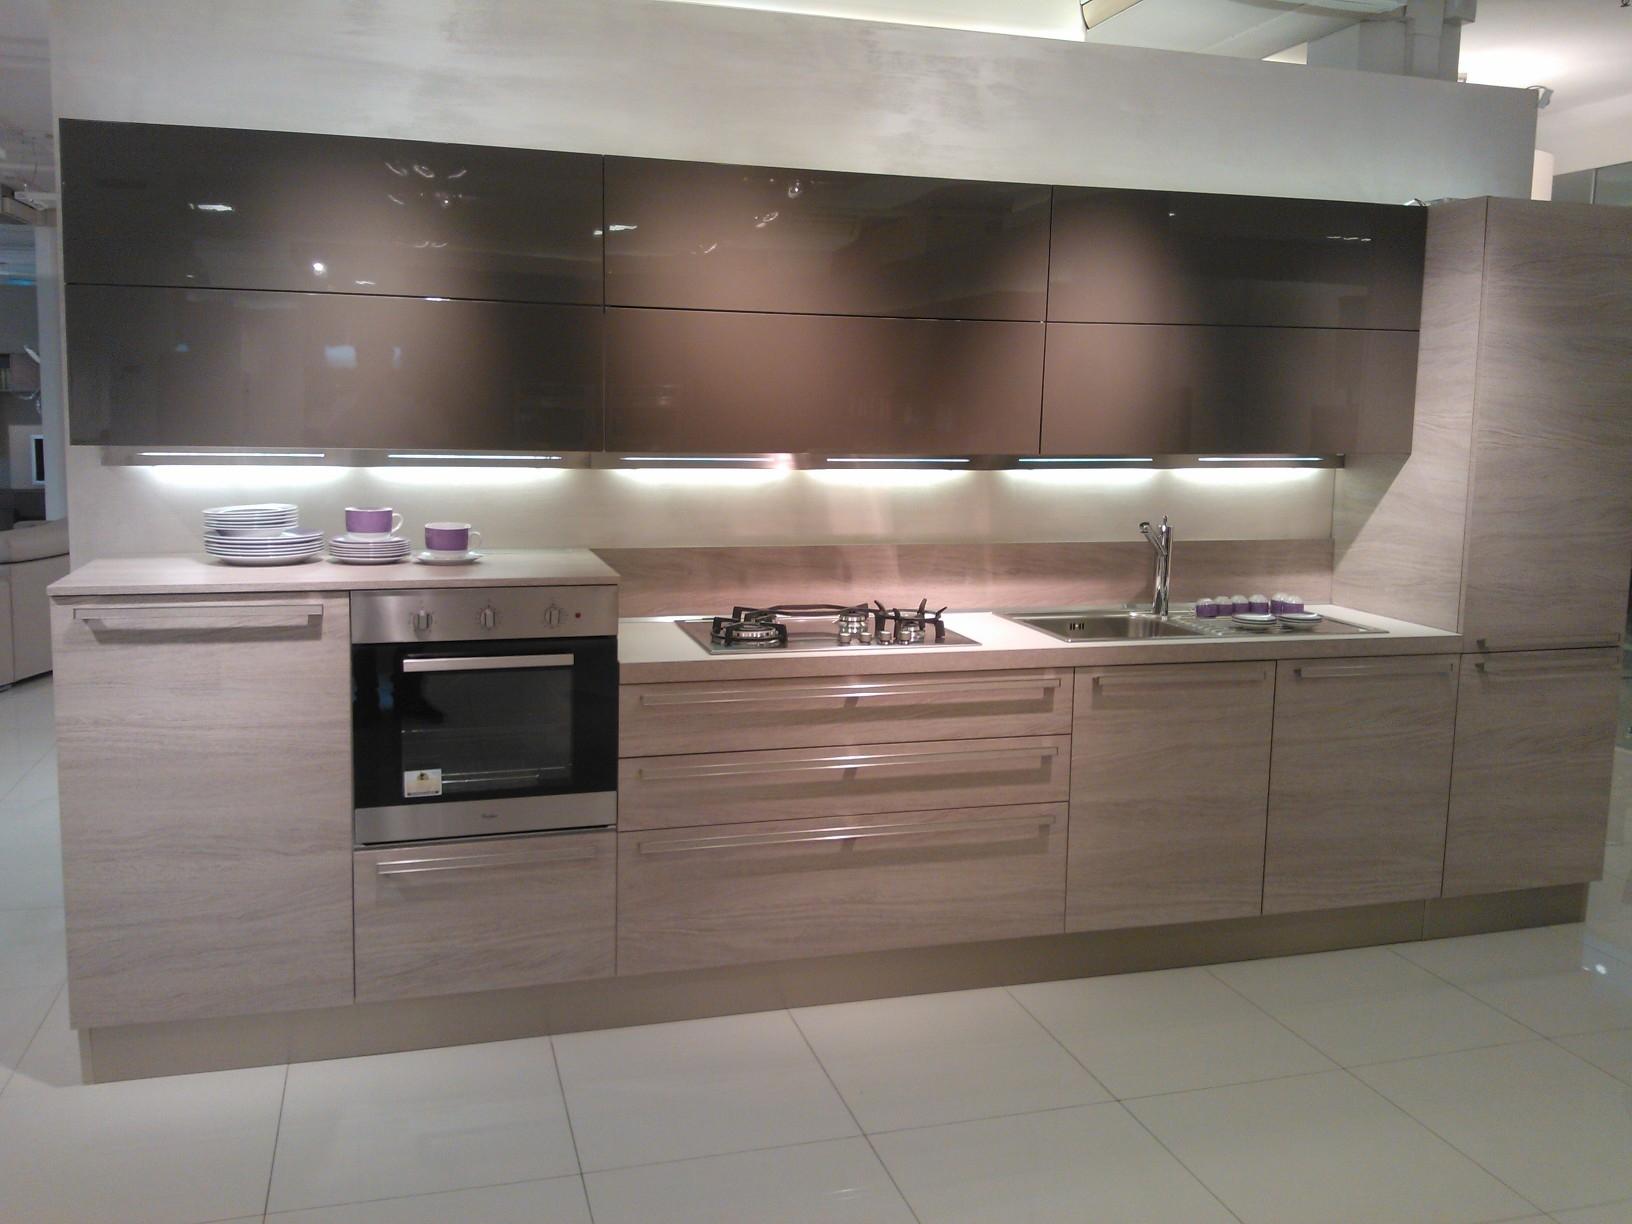 Cucina Veneta Cucine Ethica Scontato Del  66 % Cucine A Prezzi  #5E4F46 1632 1224 Veneta Cucine Tavoli E Sedie